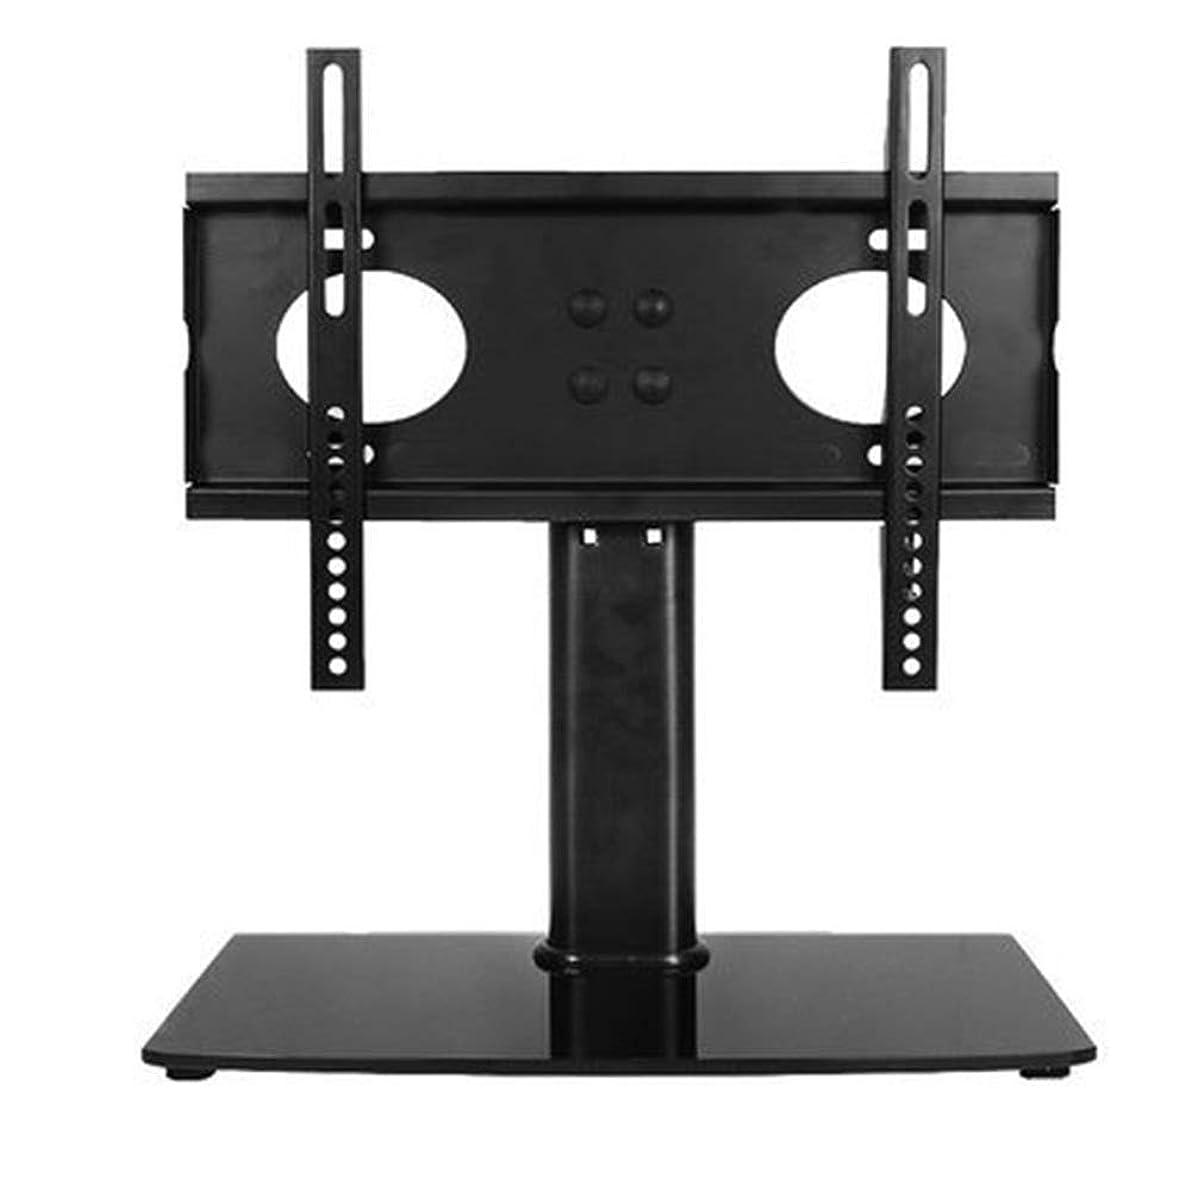 恐怖症インスタンス脅威テレビスタンド ユニバーサルスイベルテレビは、テーブルトップのテレビベースの高さ調節可能なテレビマウントスタンドスタンド 耐久性 組立簡単 (色 : ブラック, サイズ : 26-32 inches)